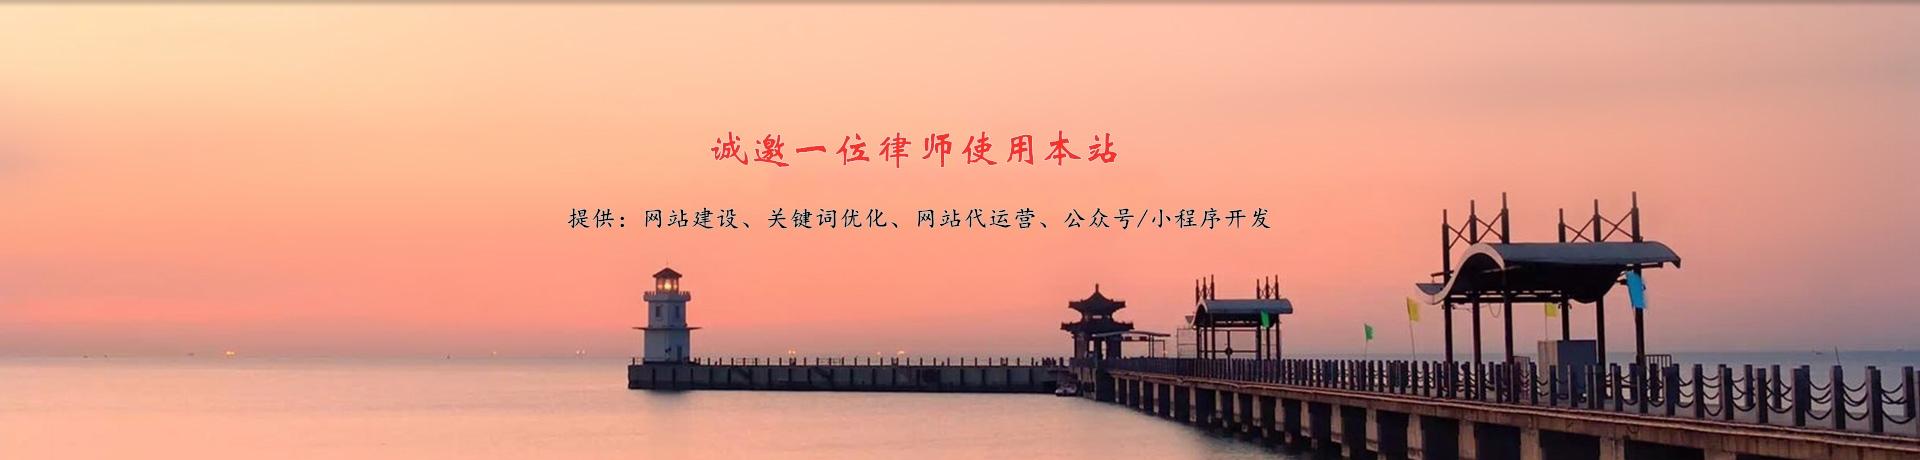 重庆毒品律师大图二